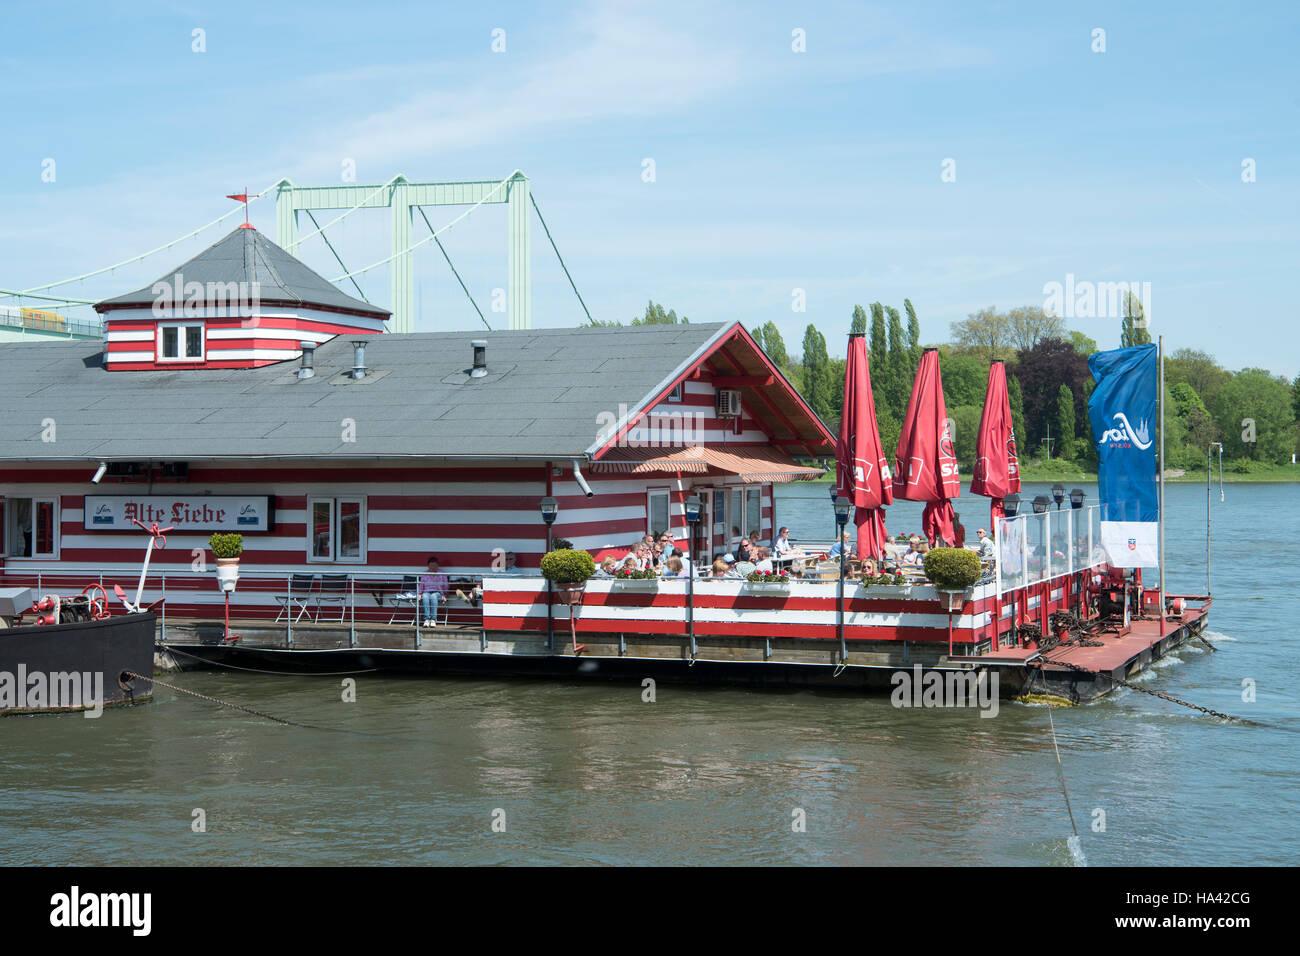 Deutschland, Köln, Rodenkirchen, Restaurantboot Alte Liebe - Stock Image